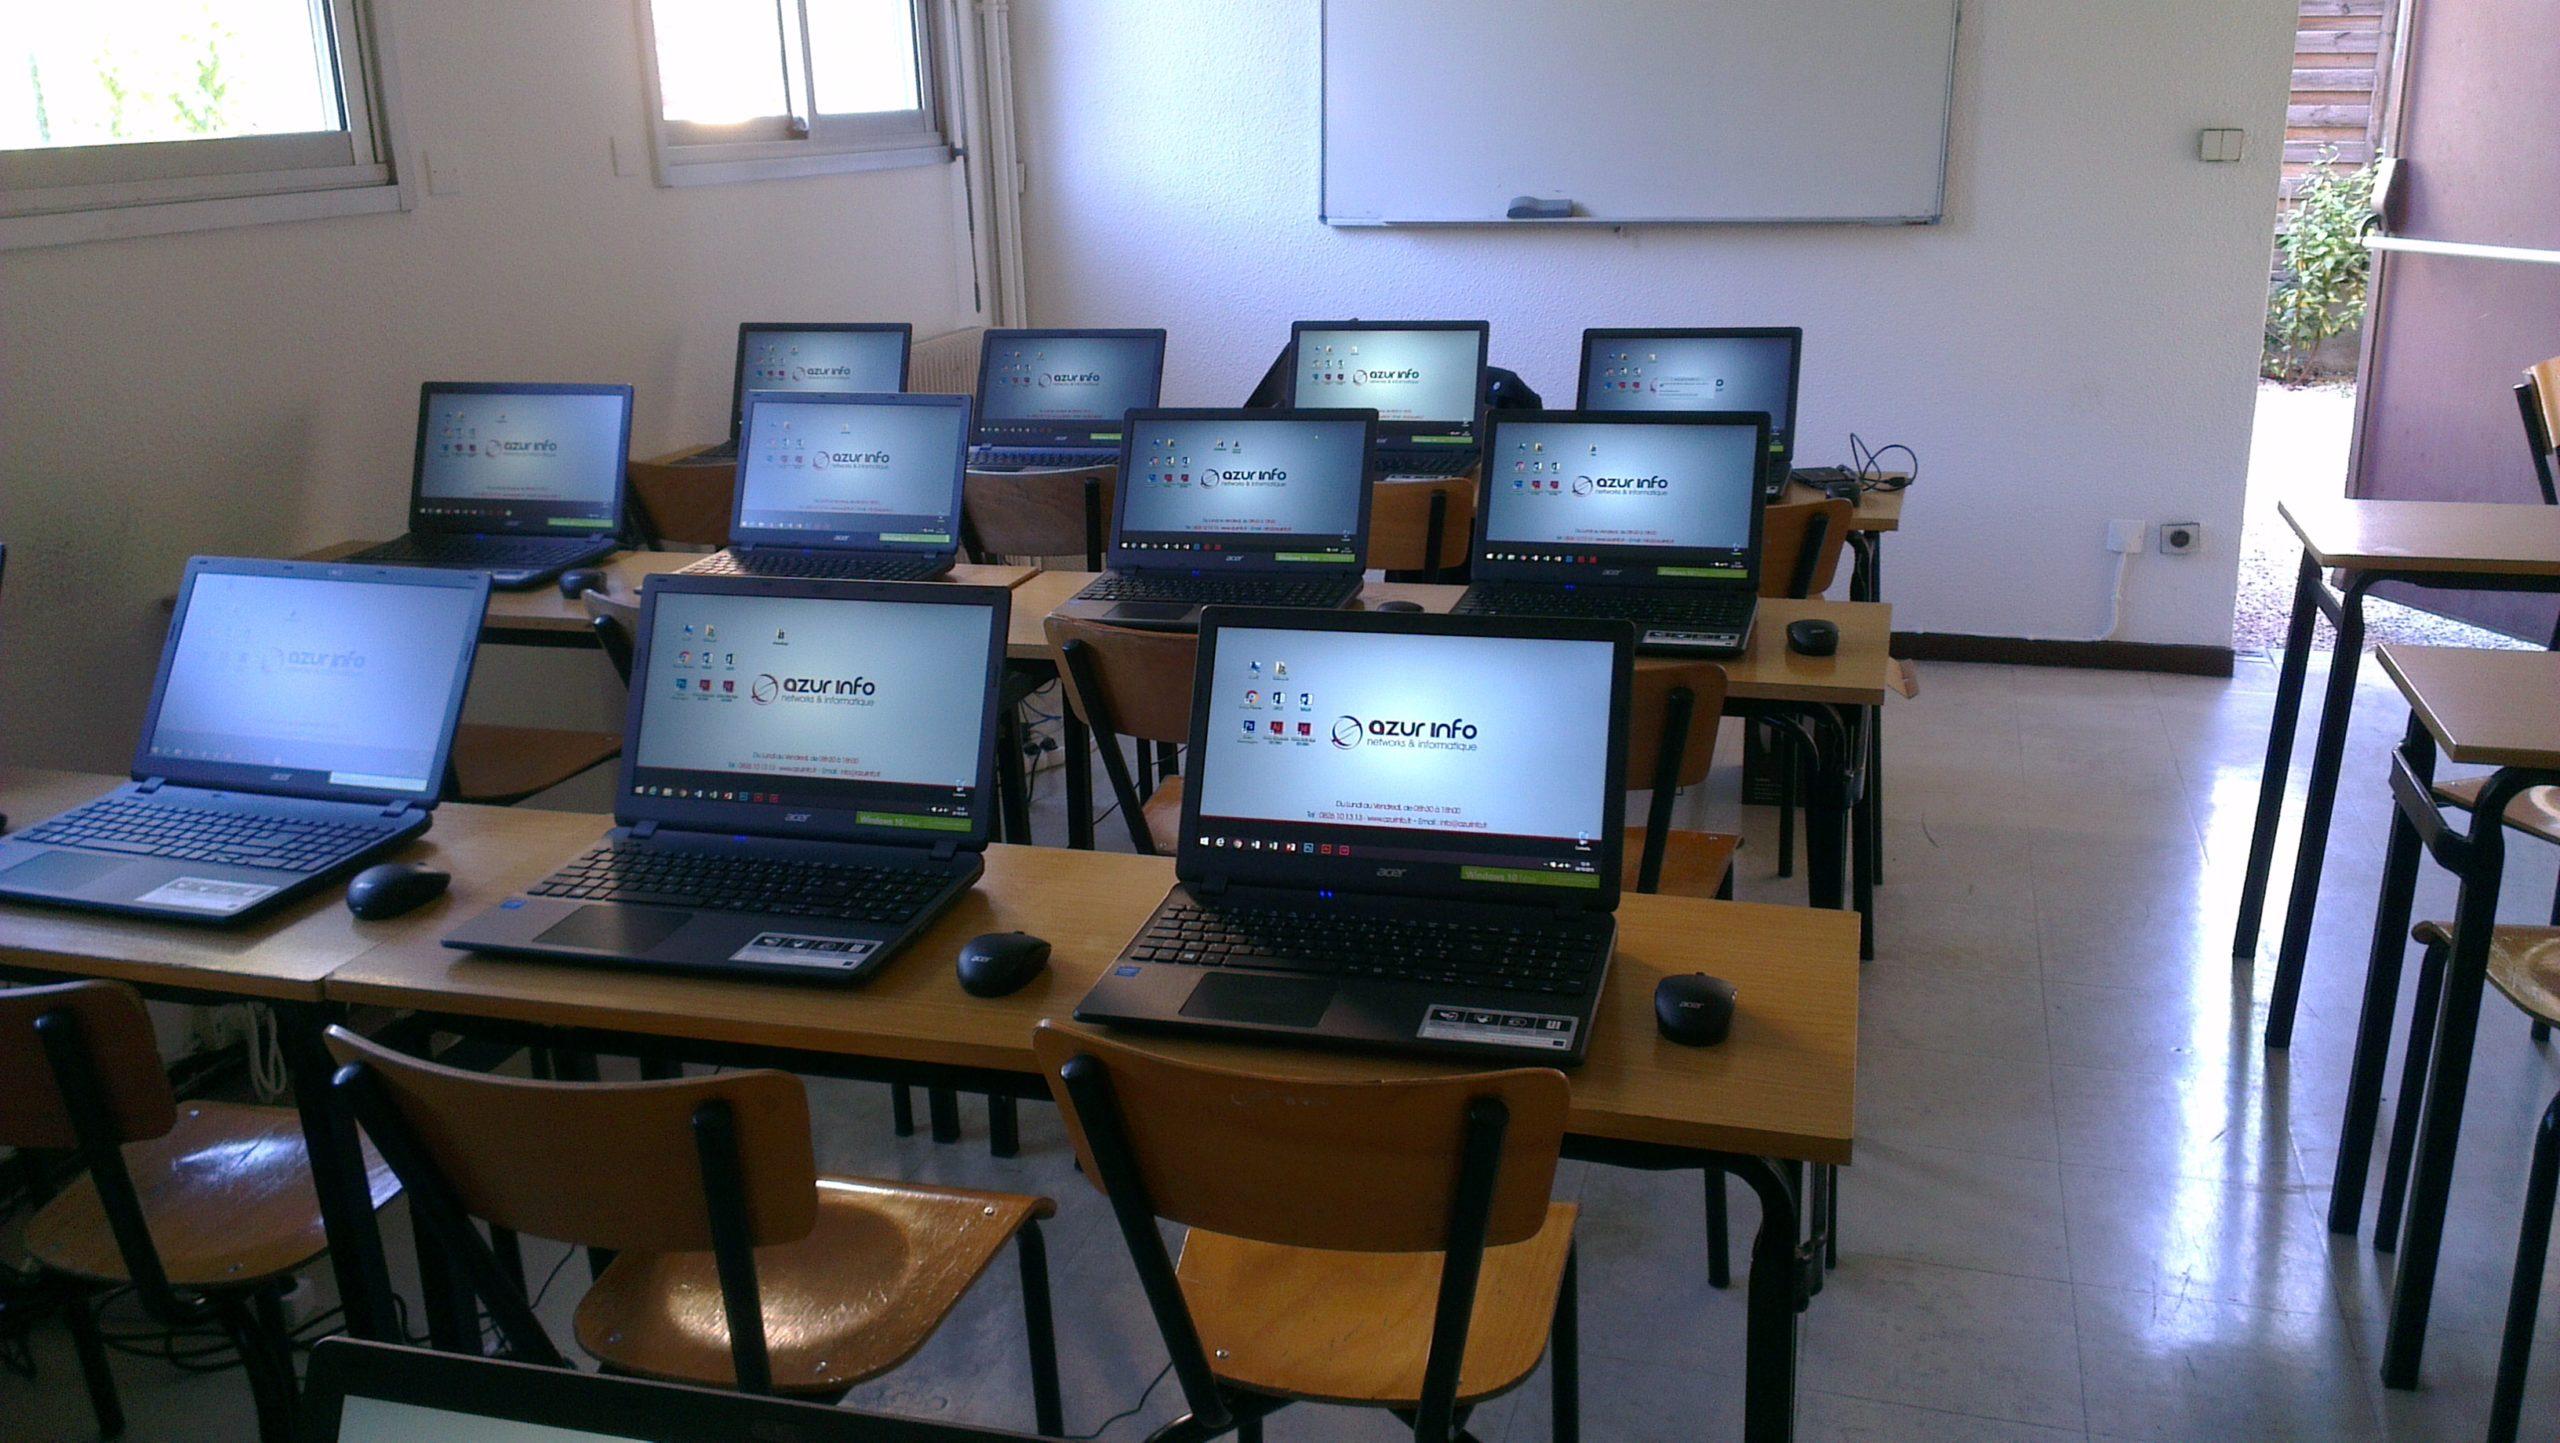 Salle de formation pour une école de la région.